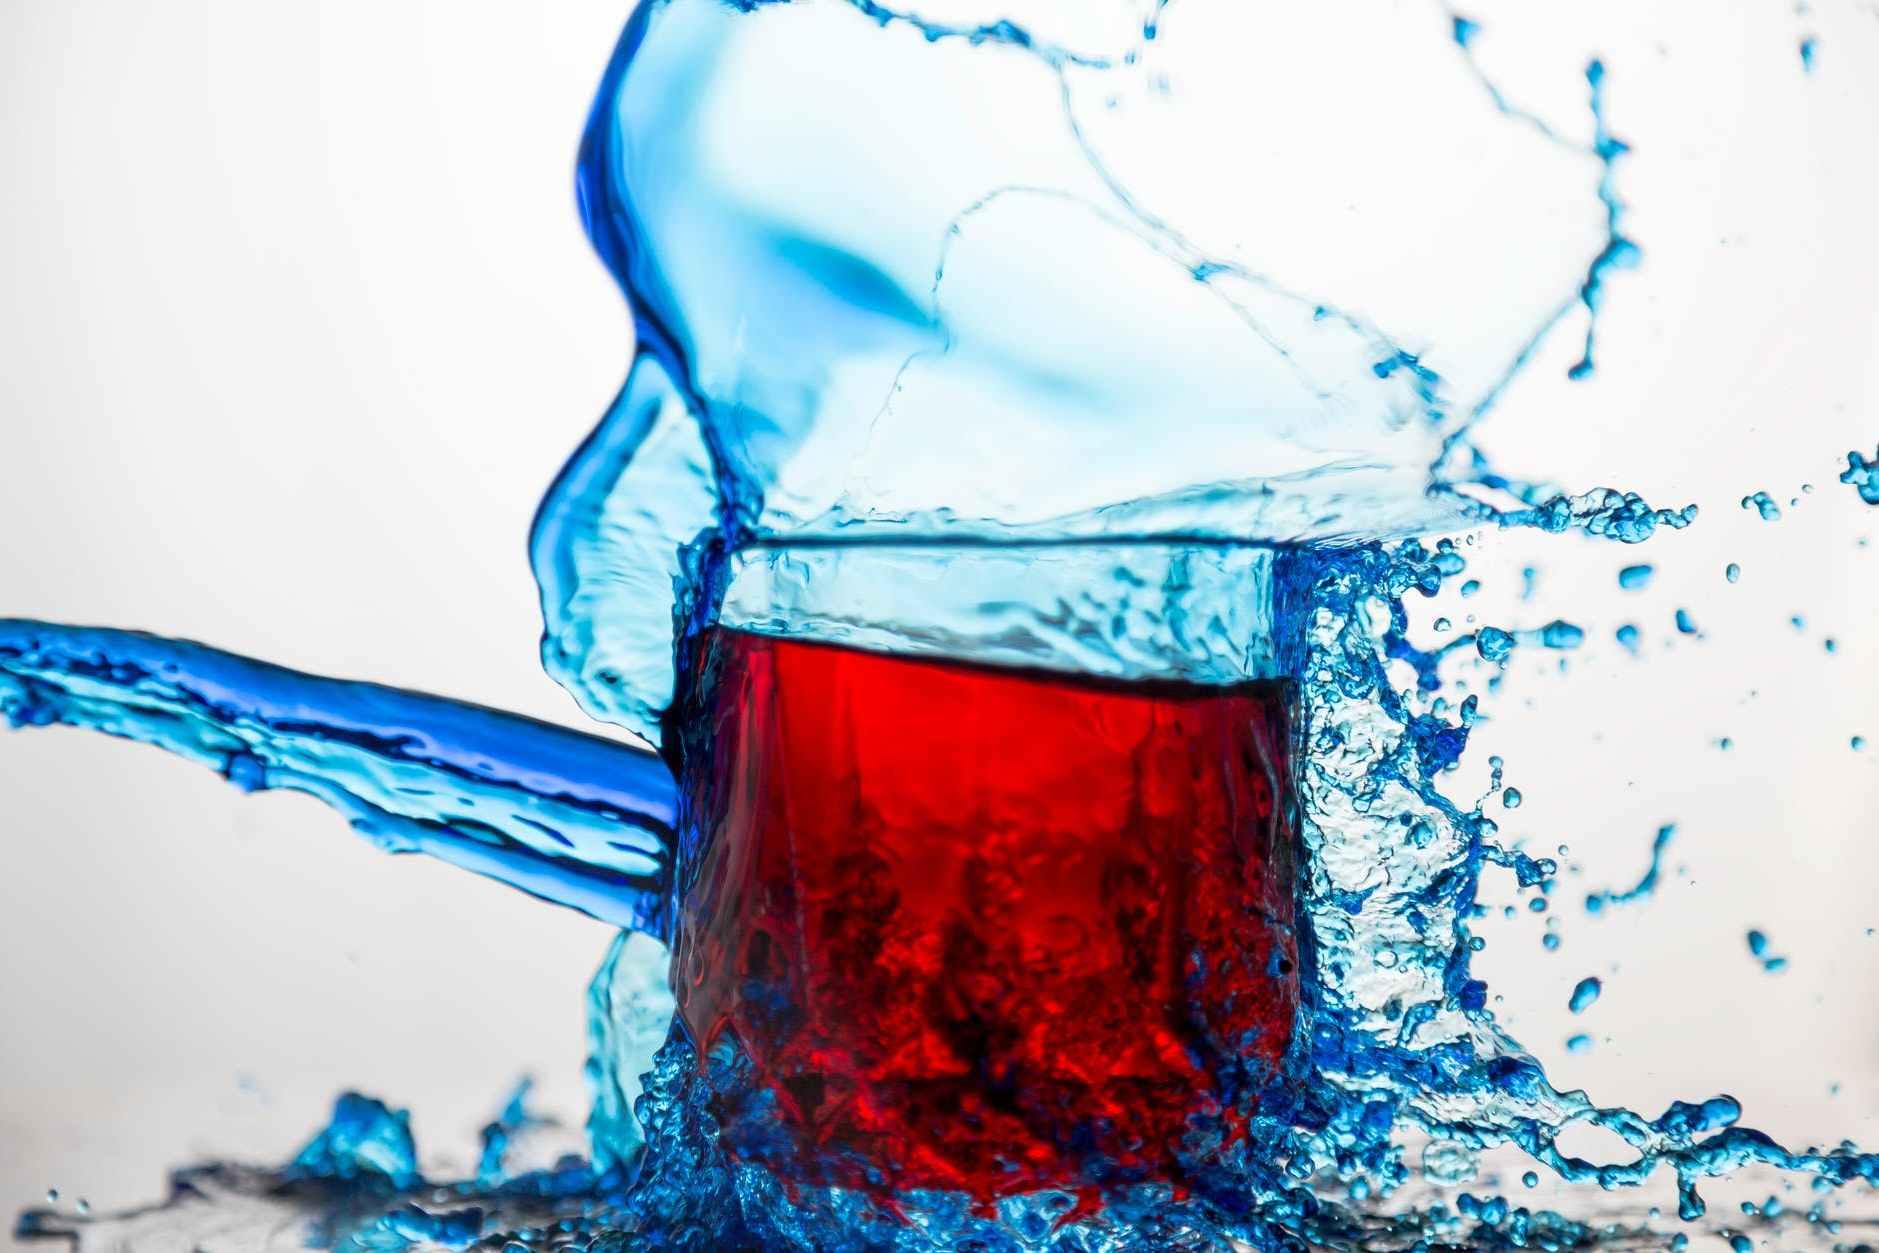 西安人从小喝的汽水冰峰饮料筹划上市 经销模式下营收乏力